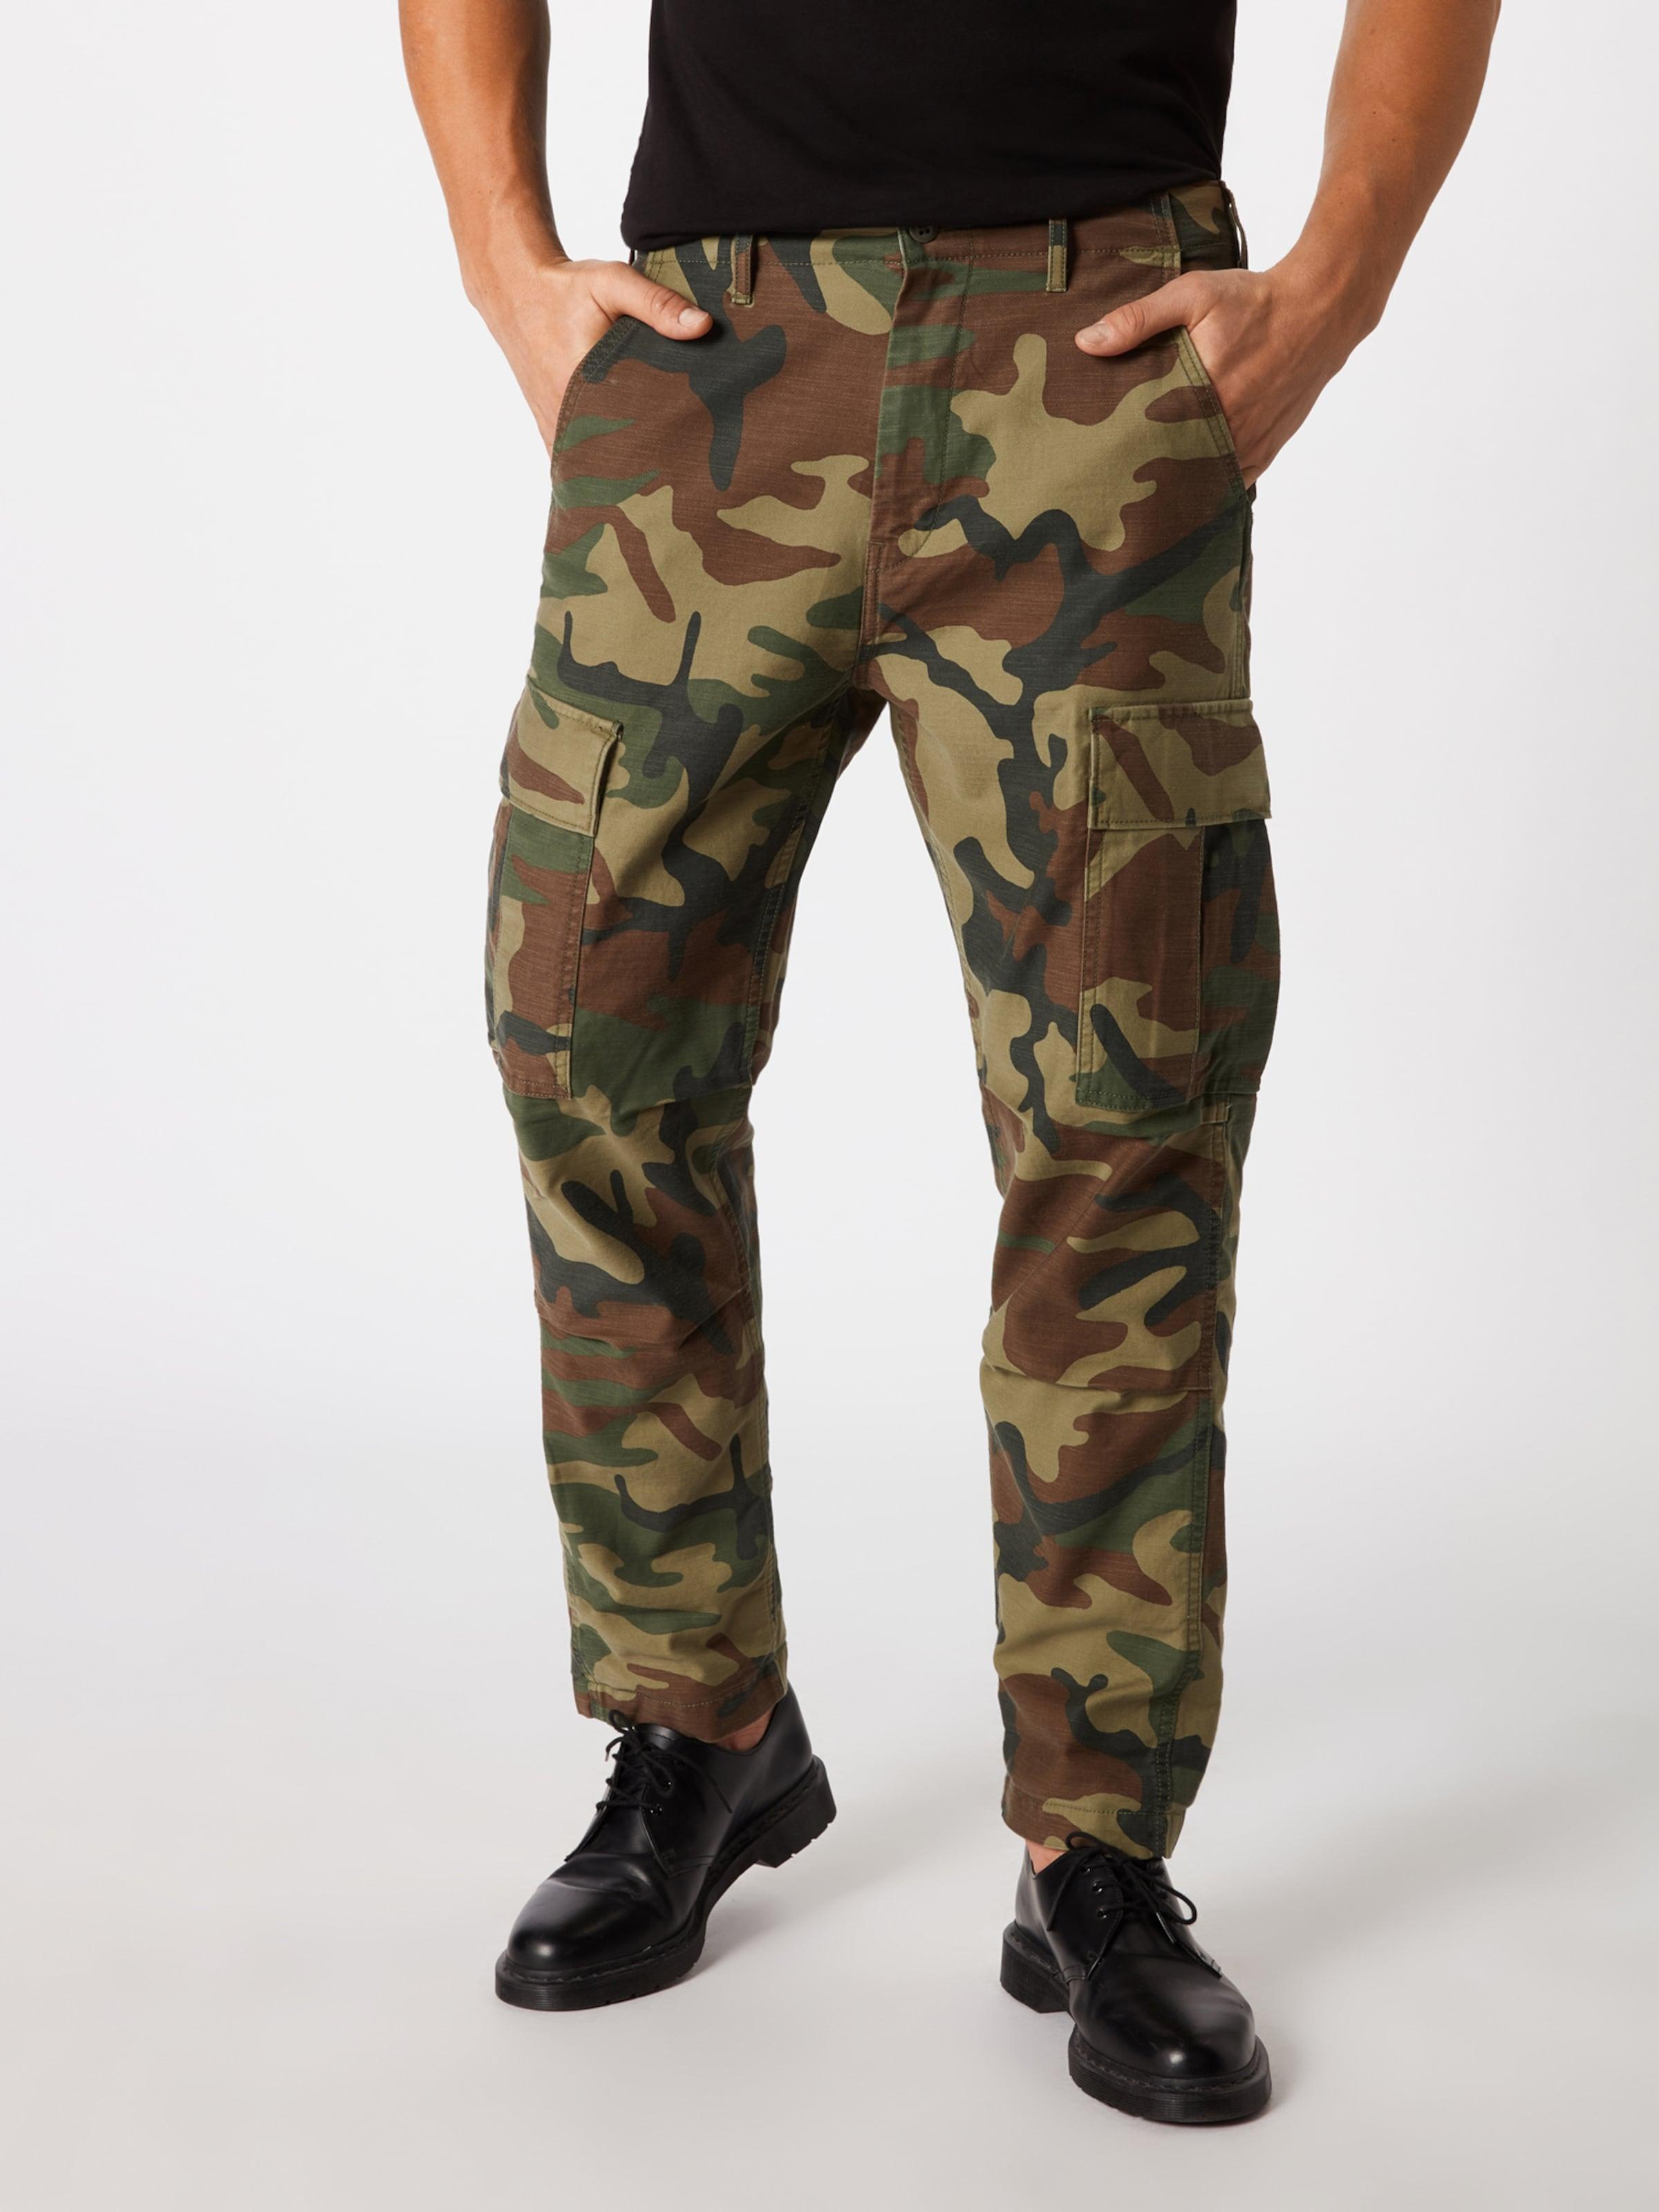 'hiballcargos' Pantalon Foncé En MarronVert Levi's Cargo lcK3TF1J